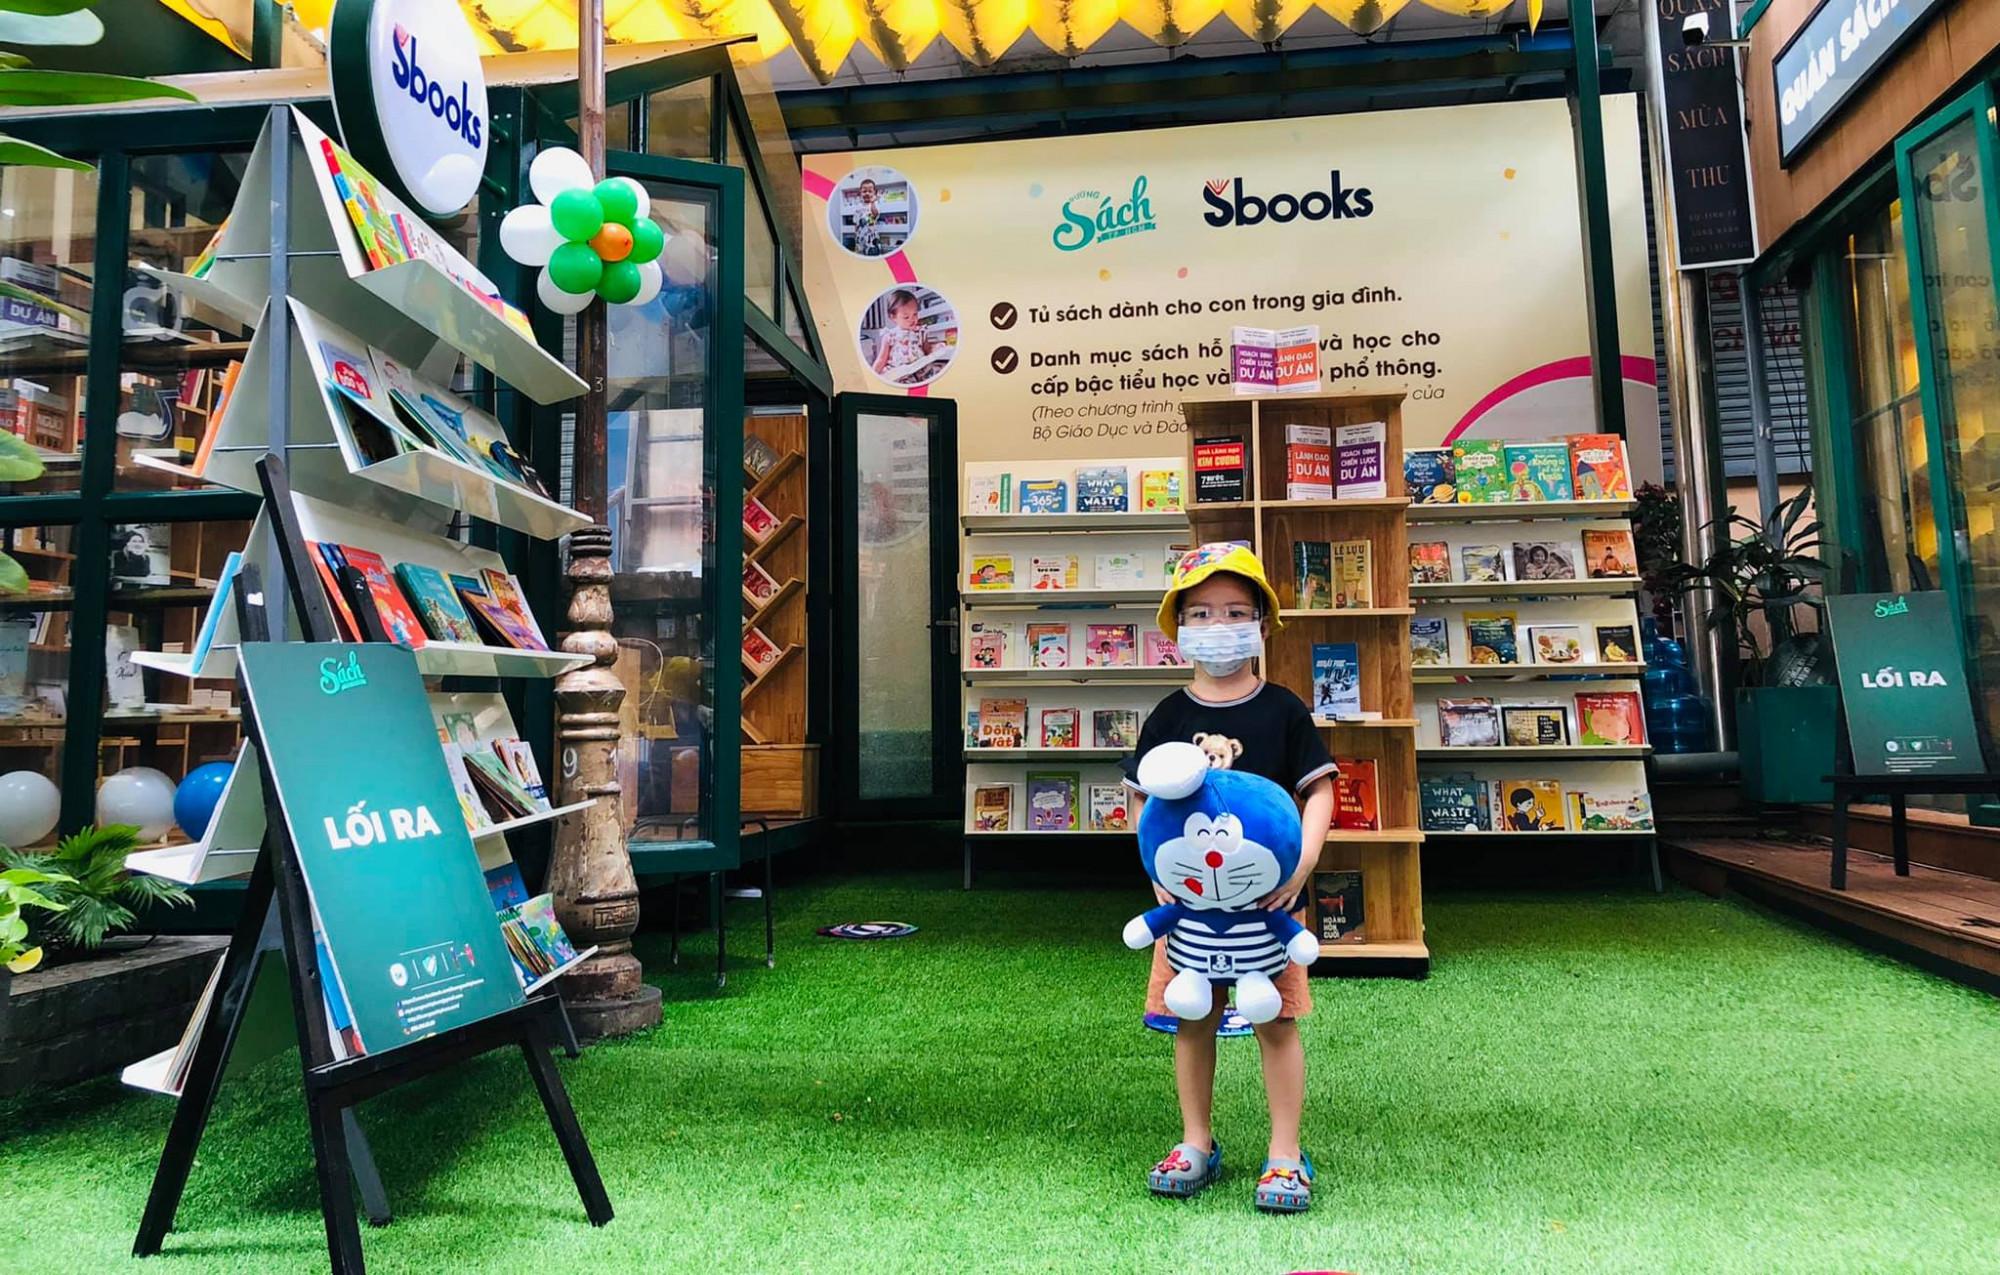 Phụ huynh có thể tìm sách hay cho con trong khu trưng bày Tủ sách gia đình